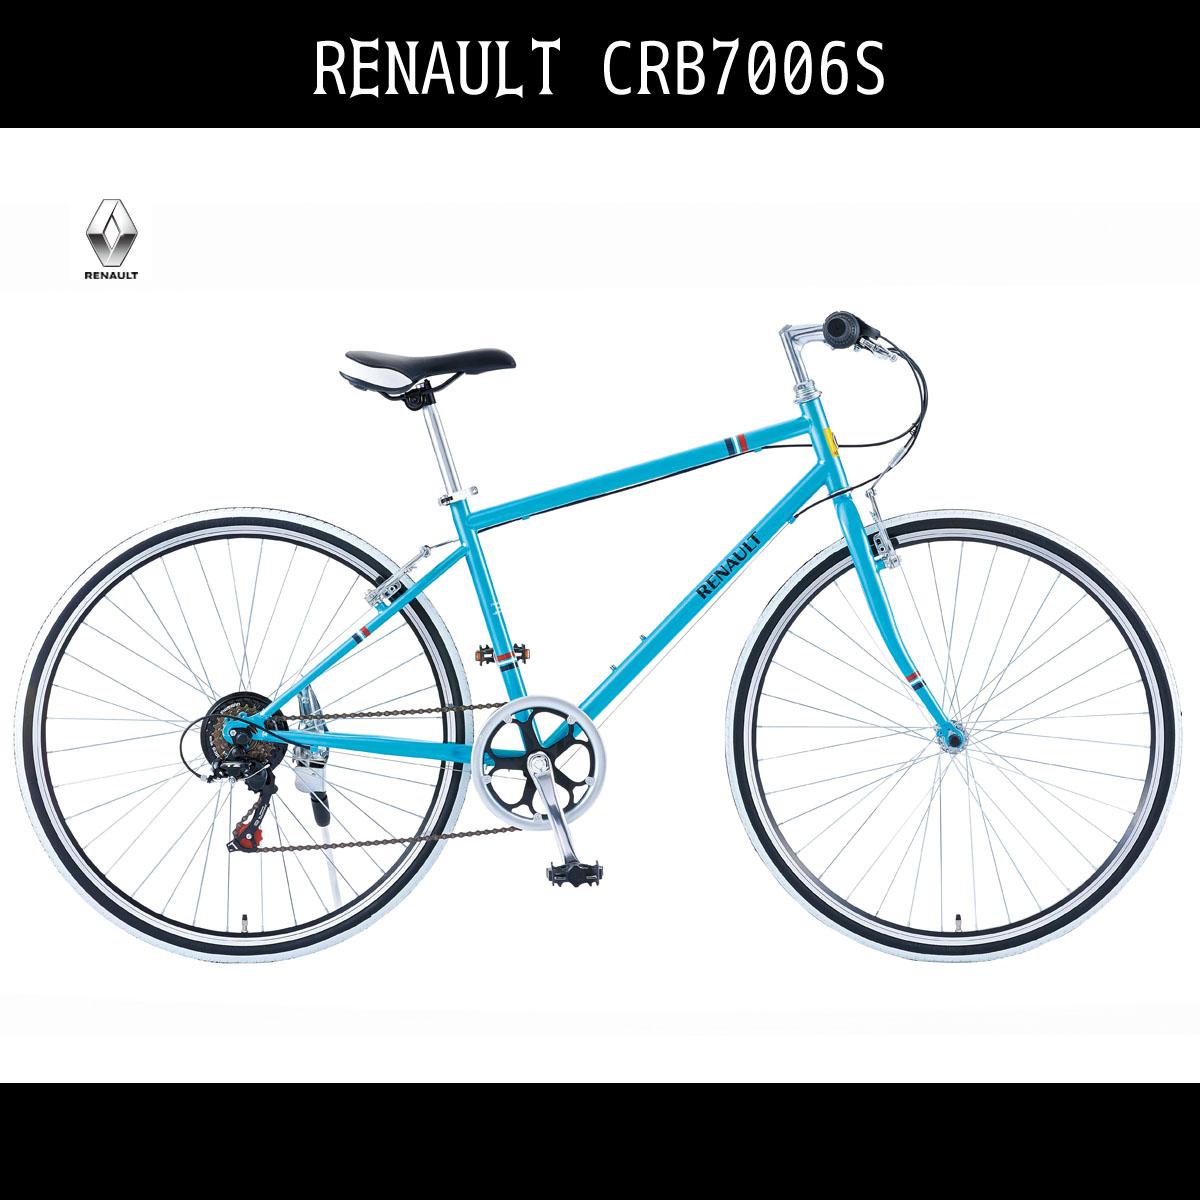 【クーポン配布中!】配送先一都三県一部地域限定送料無料 自転車 ルノー CRB7006S 外装6段変速ギア付き 軽量 クロスバイク 700c 青 ブルー 自転車 RENAULT ルノー 自転車 クロスバイク 通販 おしゃれ